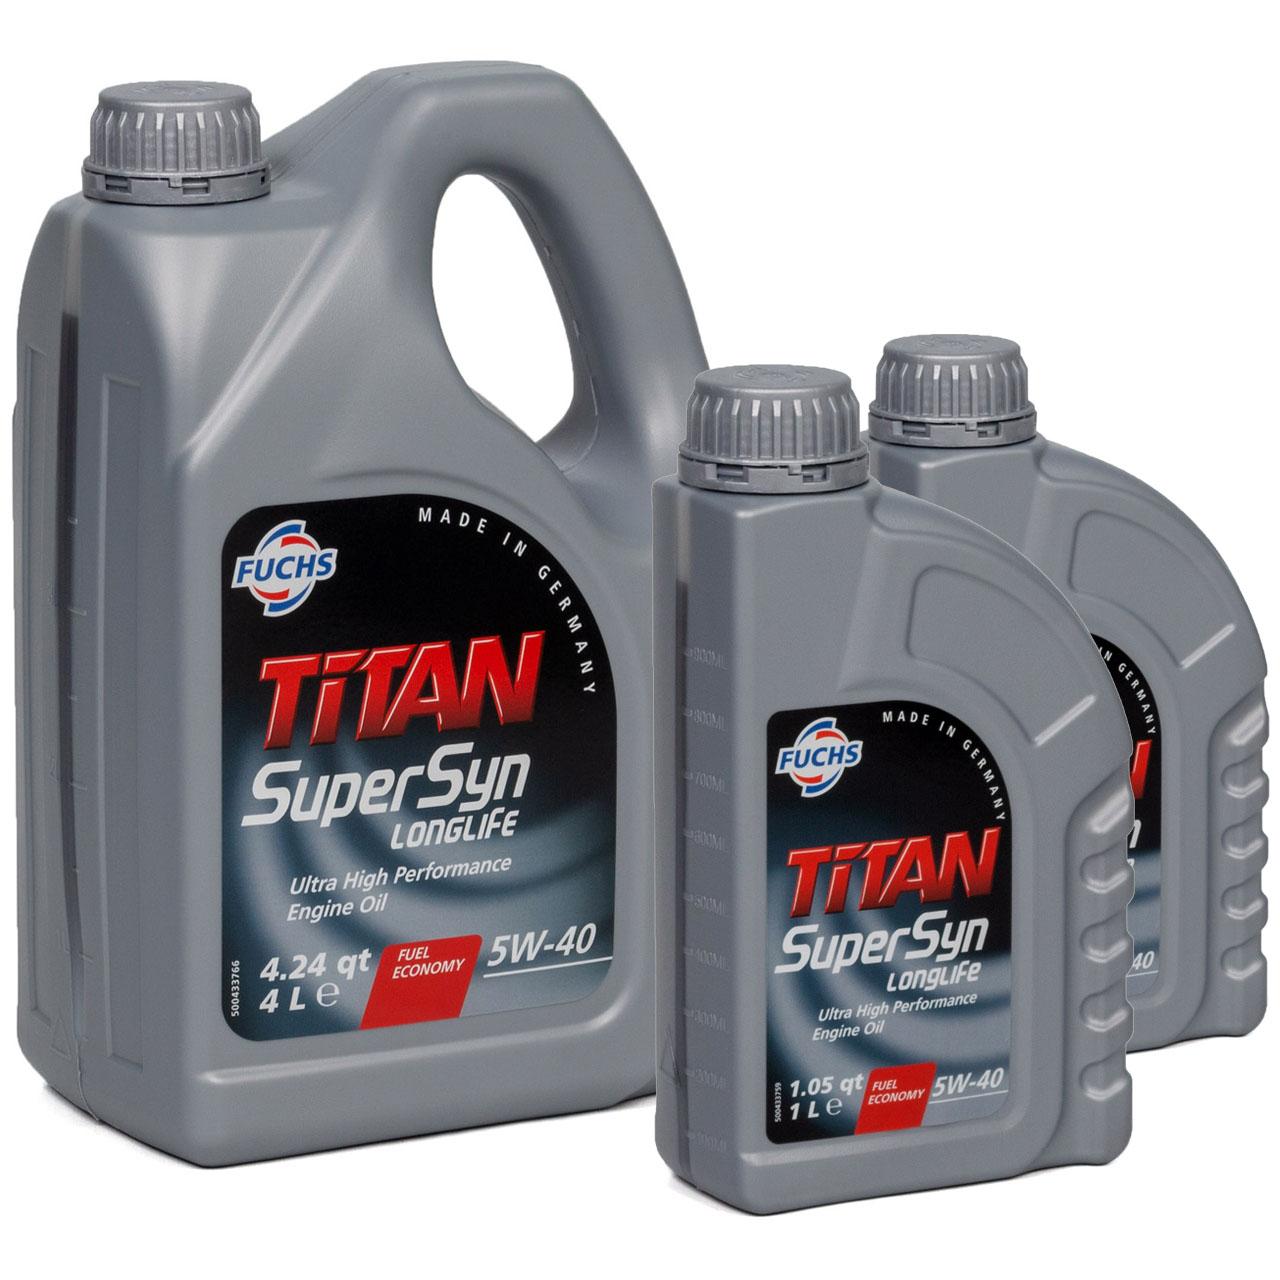 FUCHS Motoröl TITAN SuperSyn LongLife 5W-40 VW 502.00/505.00 MB 229.5 6L 6 LITER